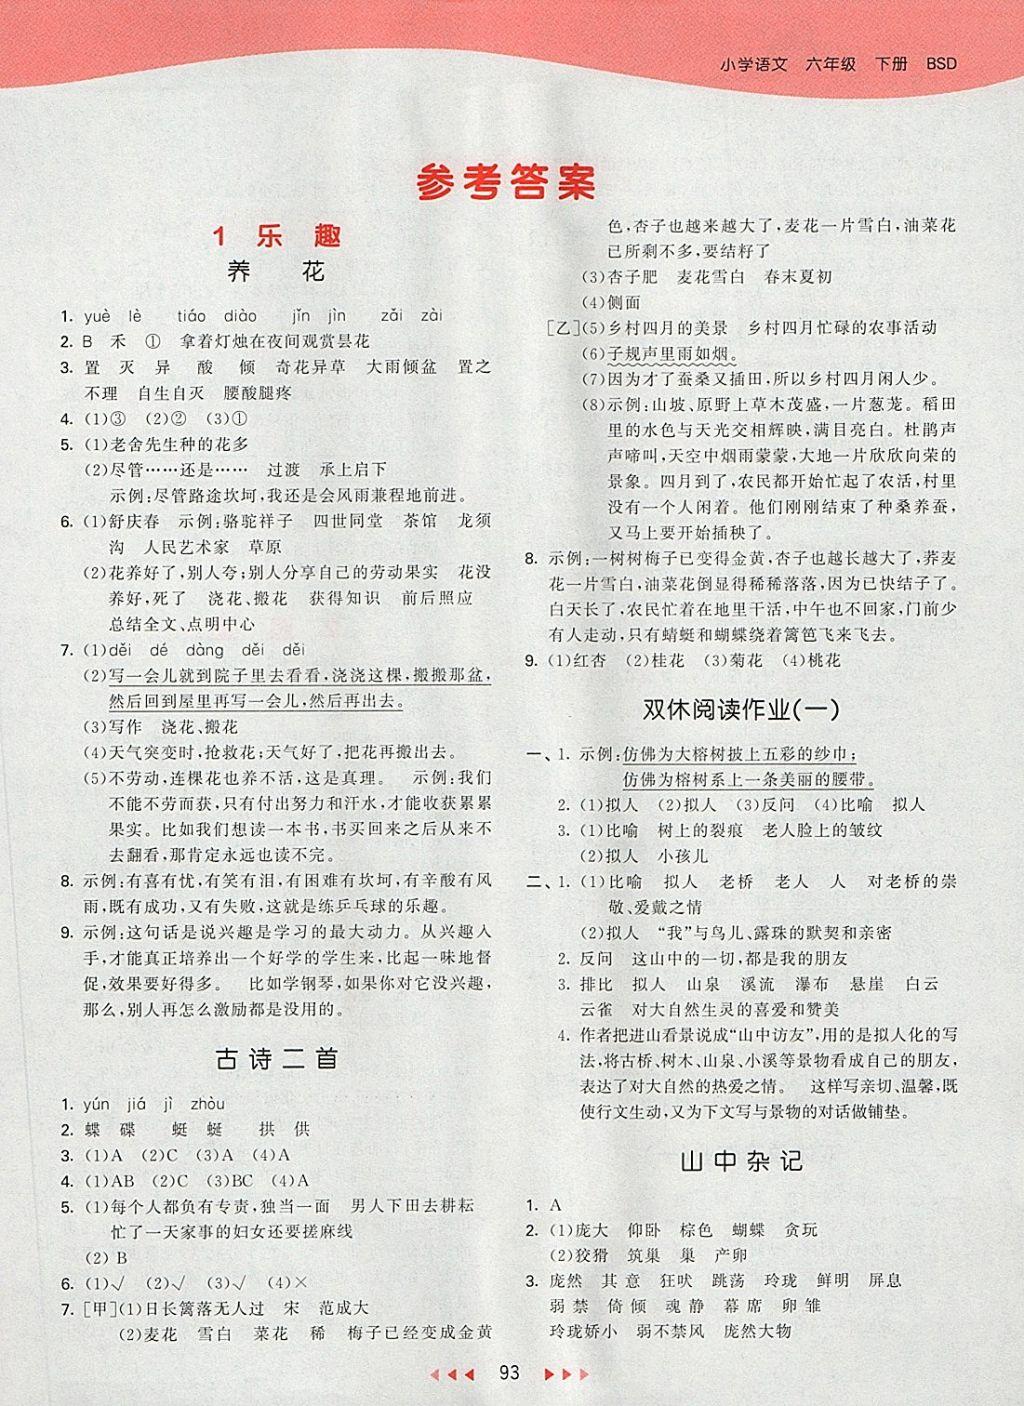 五年级下册同步作文_53天天练答案六下册数学_53全优卷答案